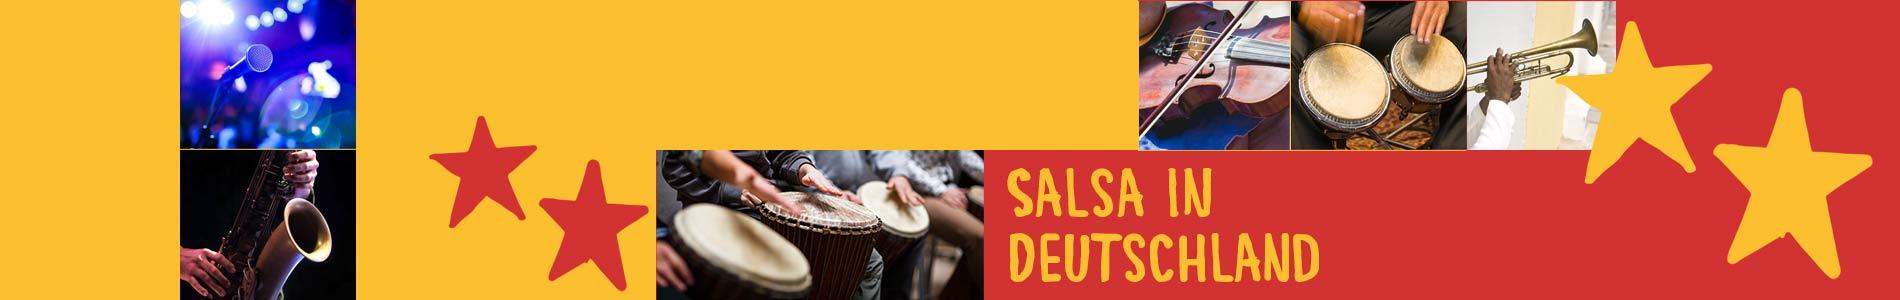 Salsa in Dersum – Salsa lernen und tanzen, Tanzkurse, Partys, Veranstaltungen